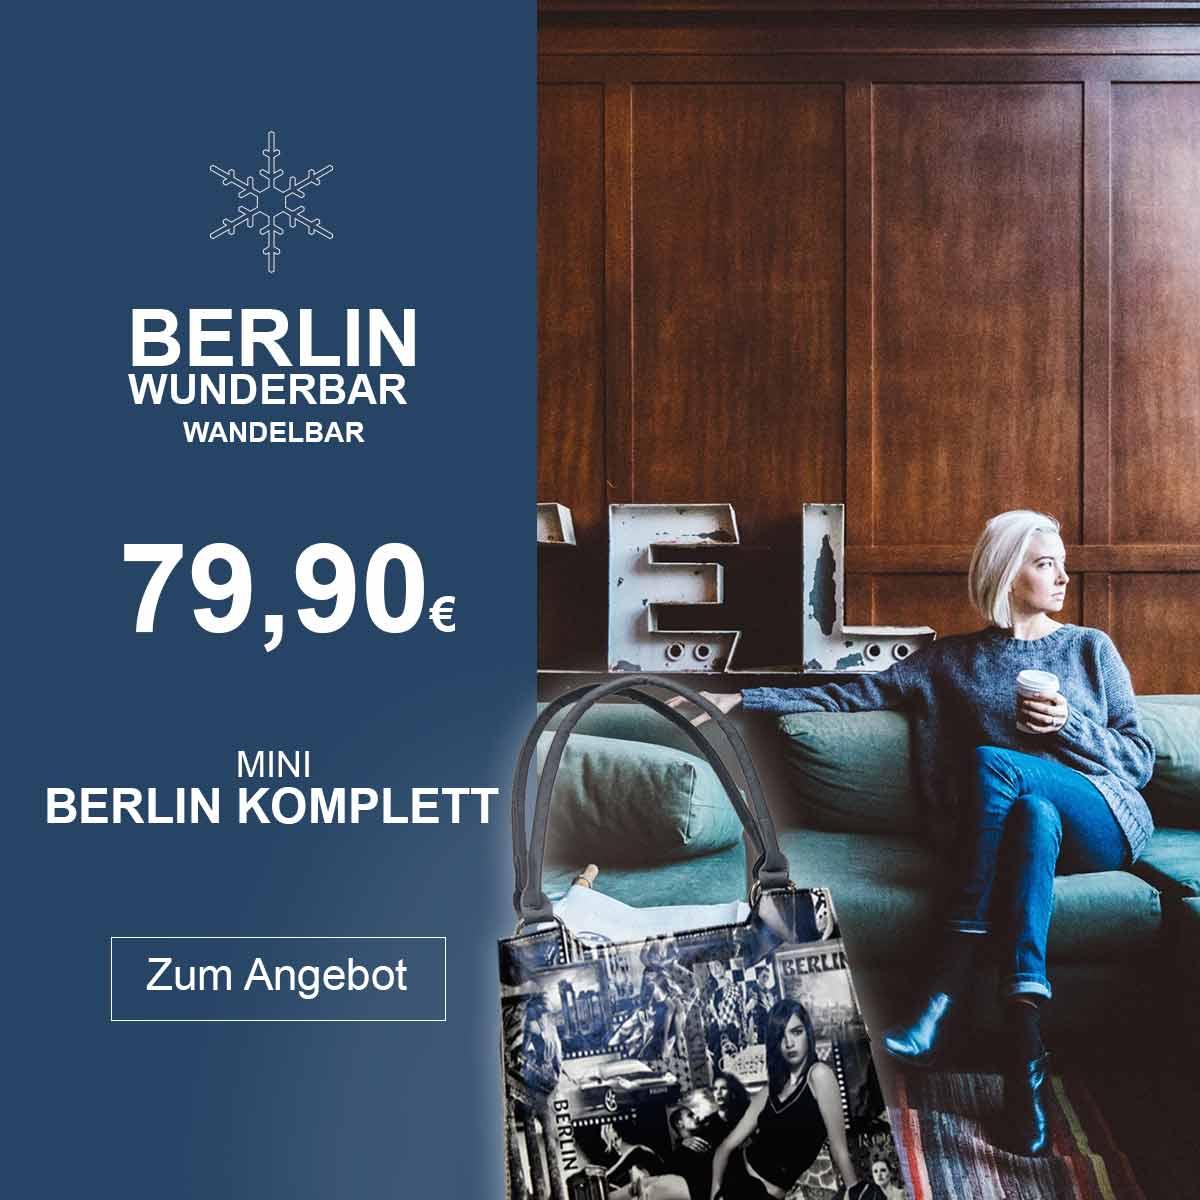 Berlin Komplett Set